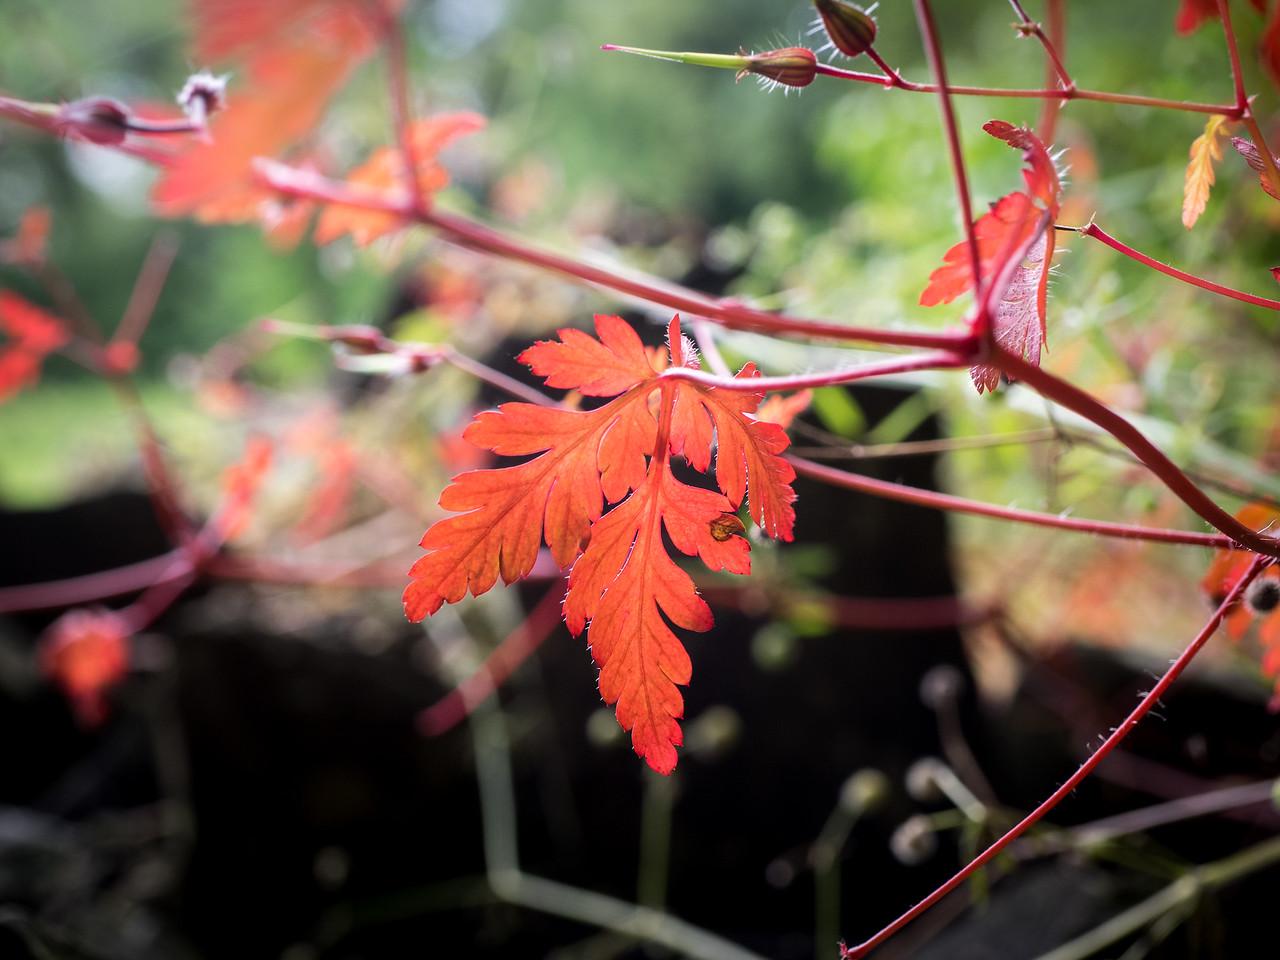 Red leaf.